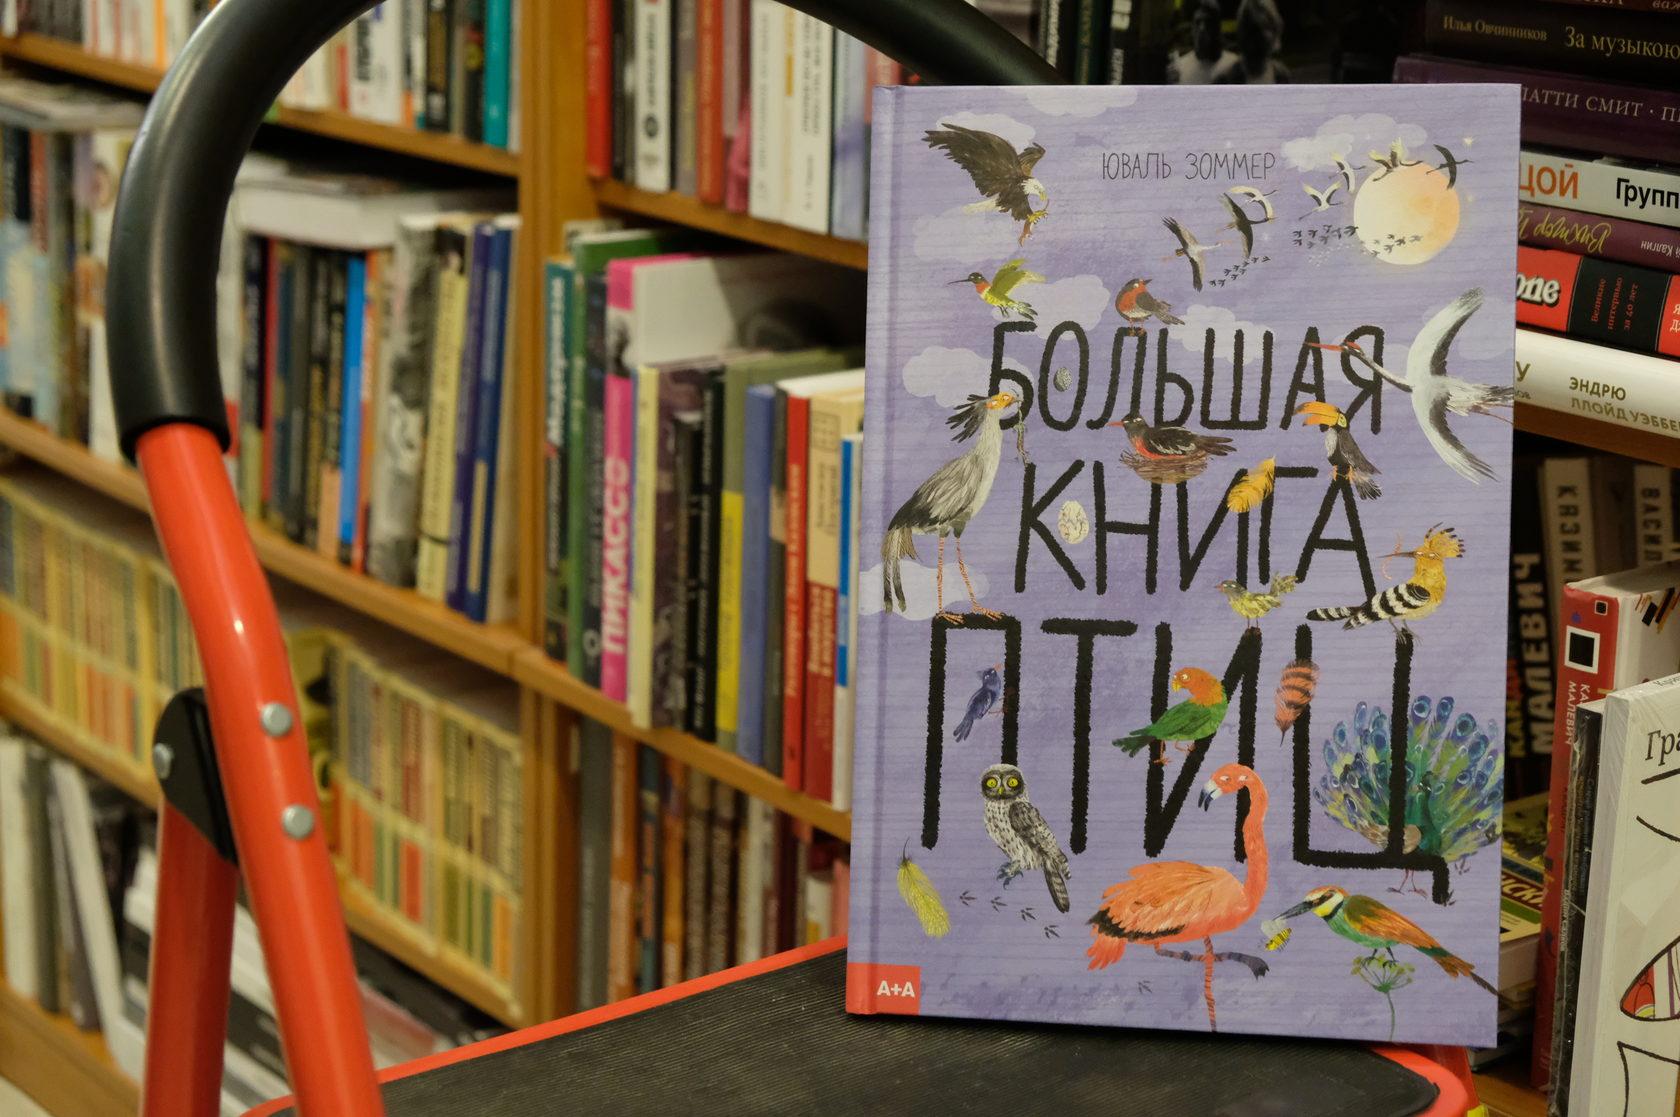 Юваль Зоммер «Большая книга птиц» 978-5-91103-467-2